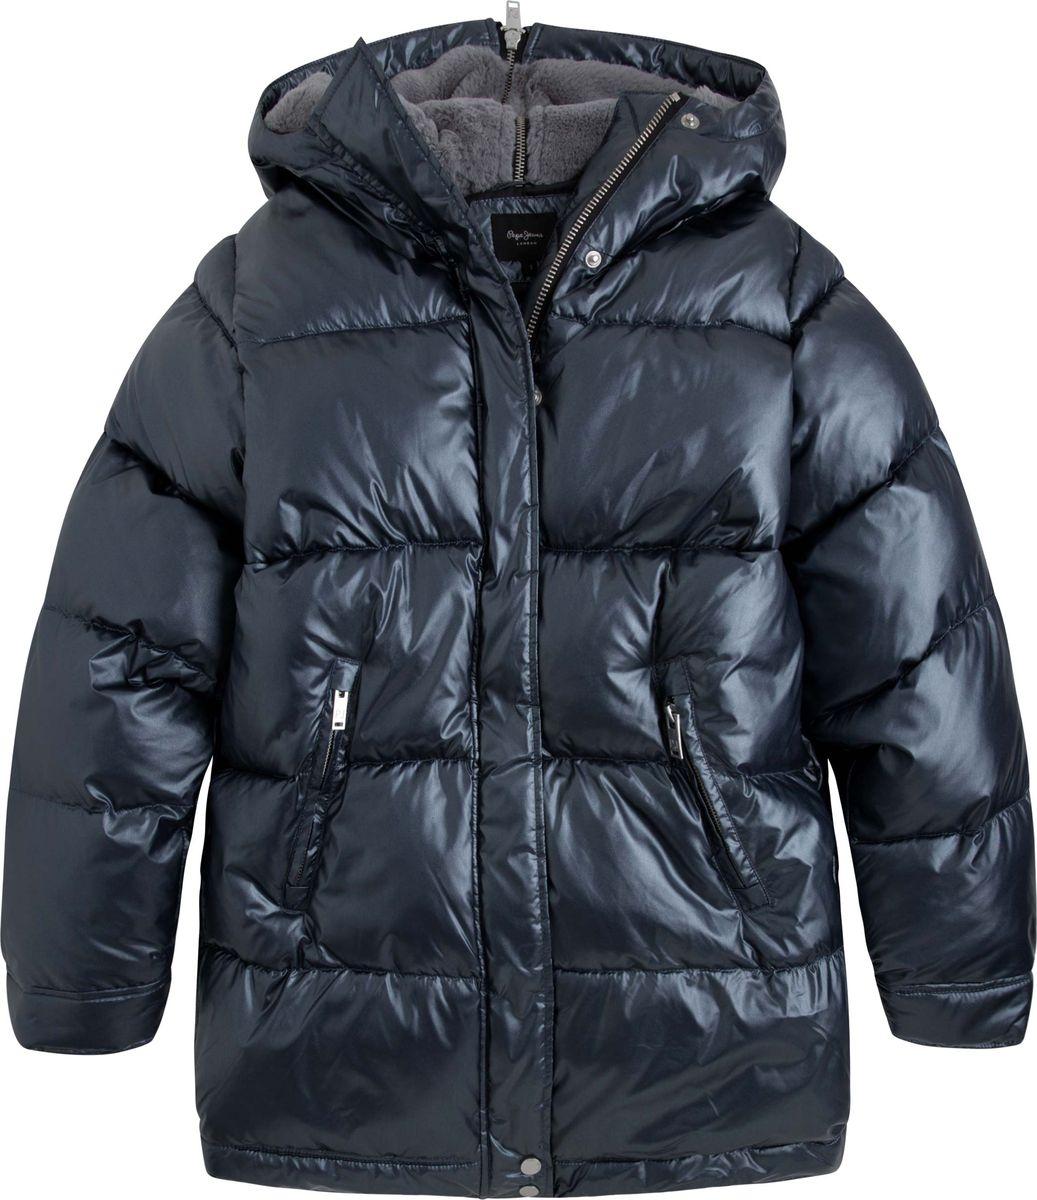 Фото - Куртка Pepe Jeans куртка женская pepe jeans цвет зеленый 097 pl401555 664 размер m 44 46